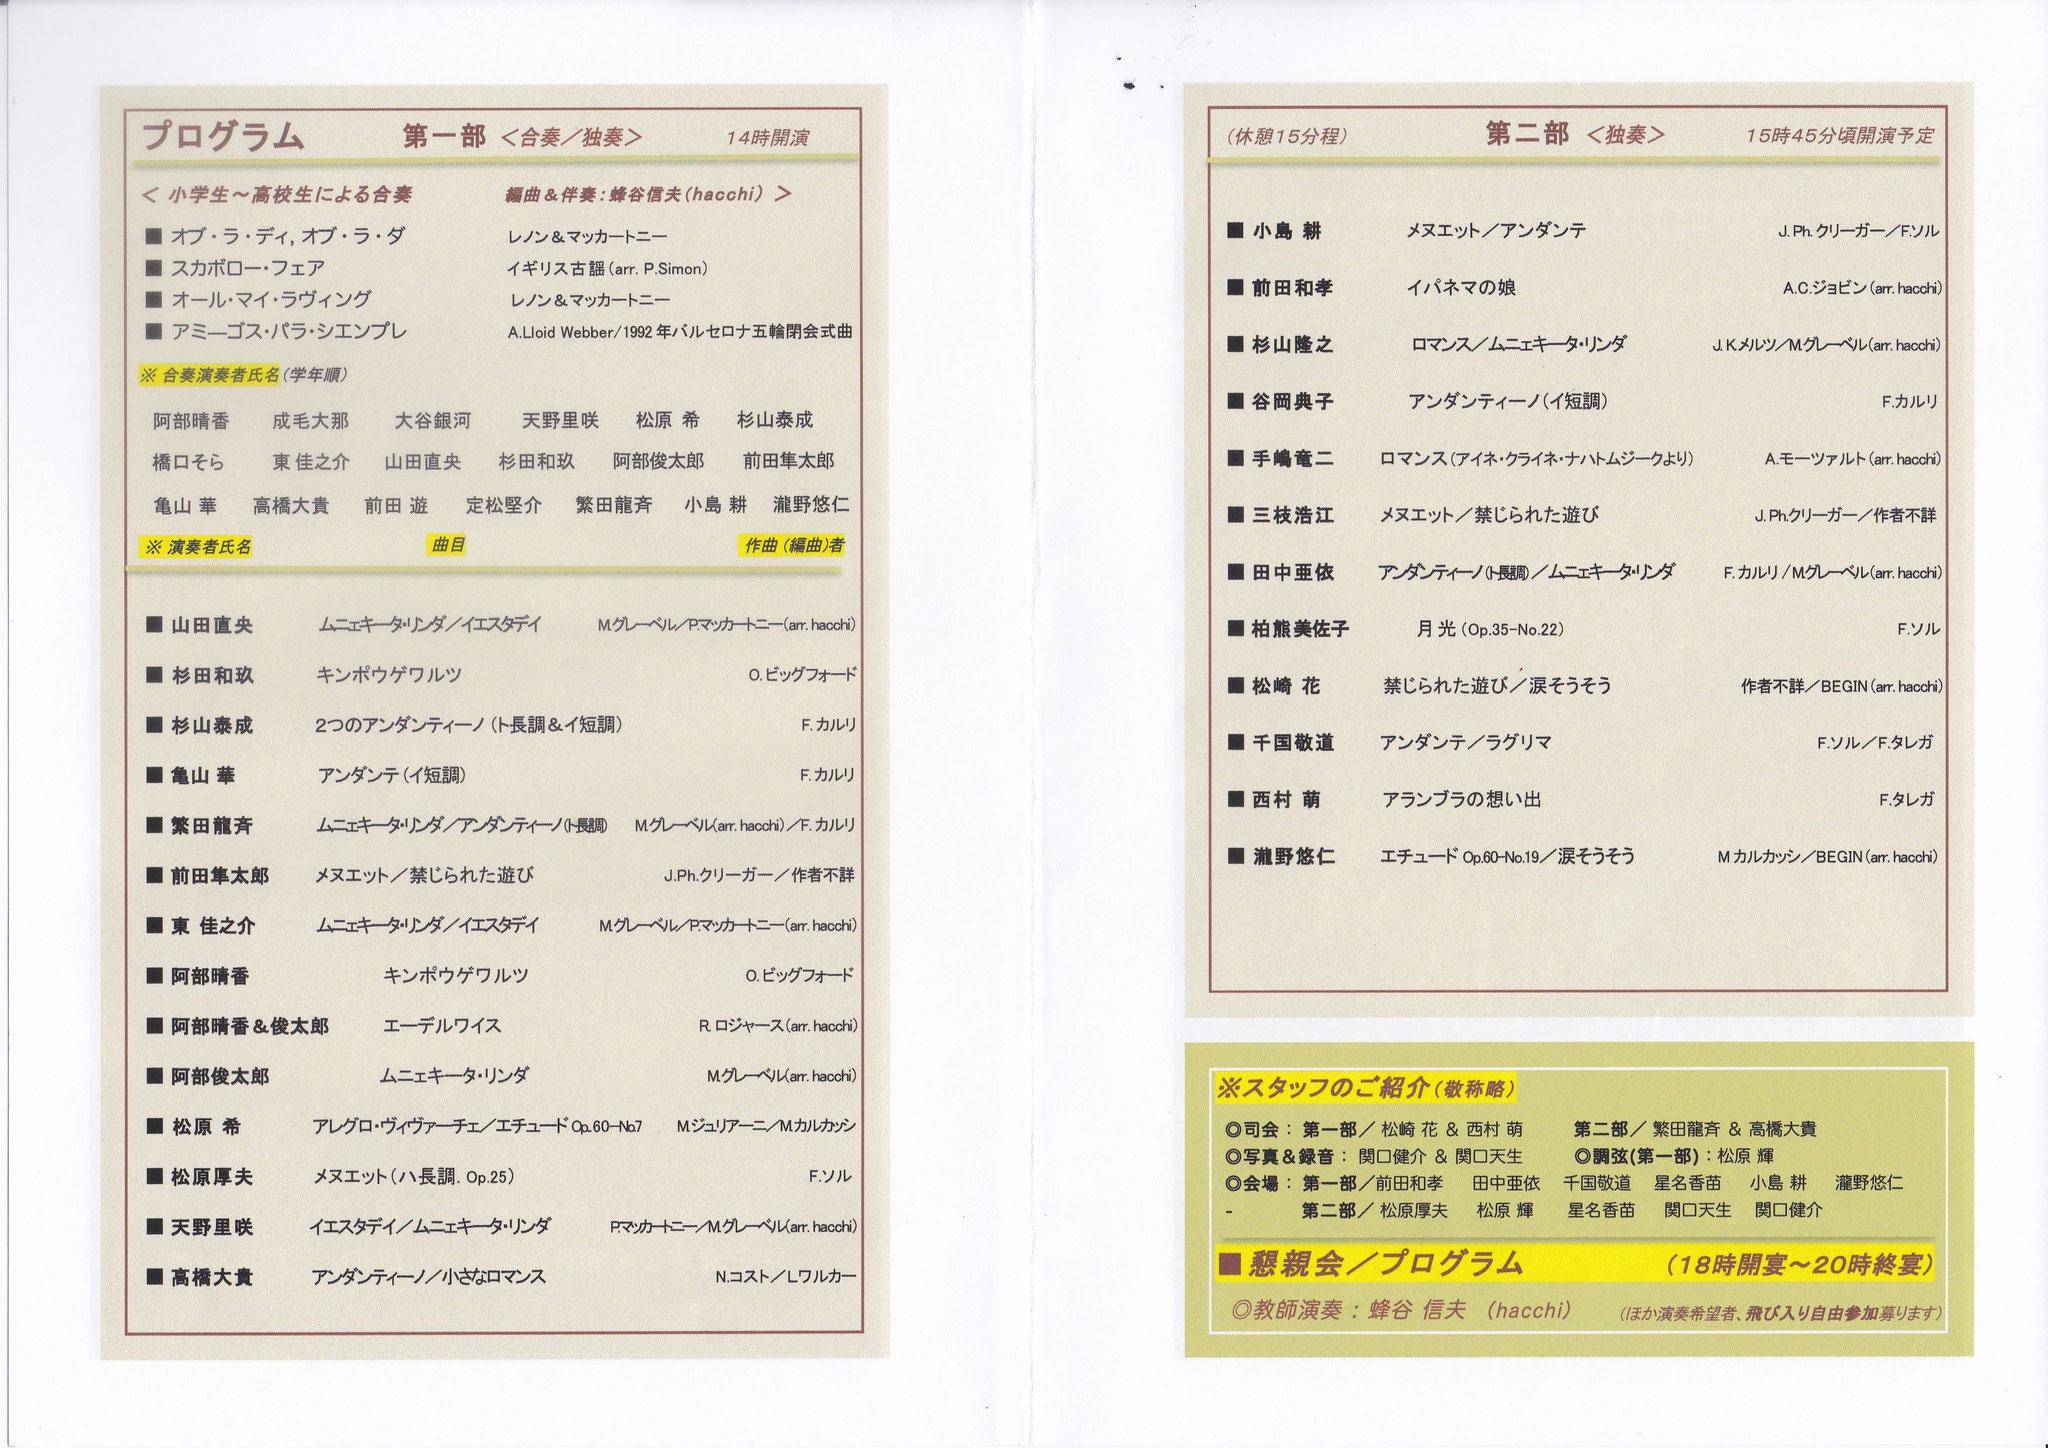 プログラム(2&3頁)